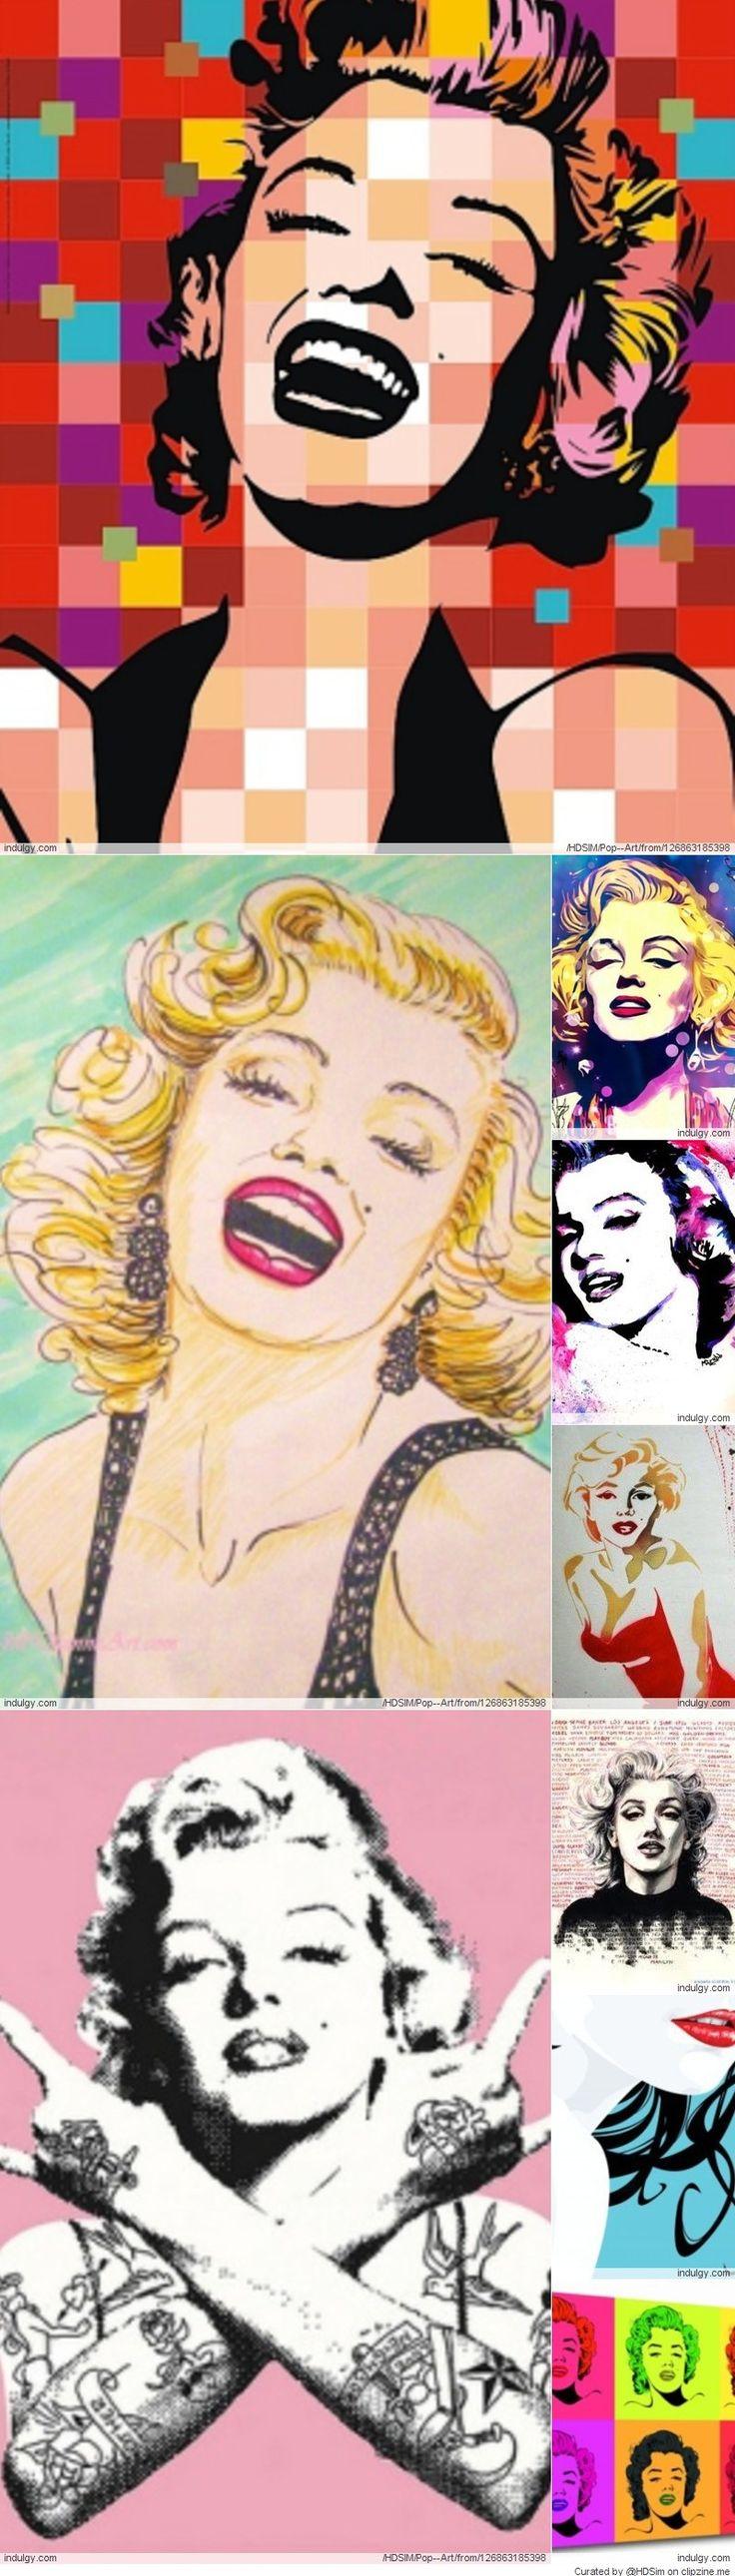 @PinFantasy - Marilyn Pop Art ~~ For more:  - ✯ http://www.pinterest.com/PinFantasy/gente-~-marilyn-monroe-art/